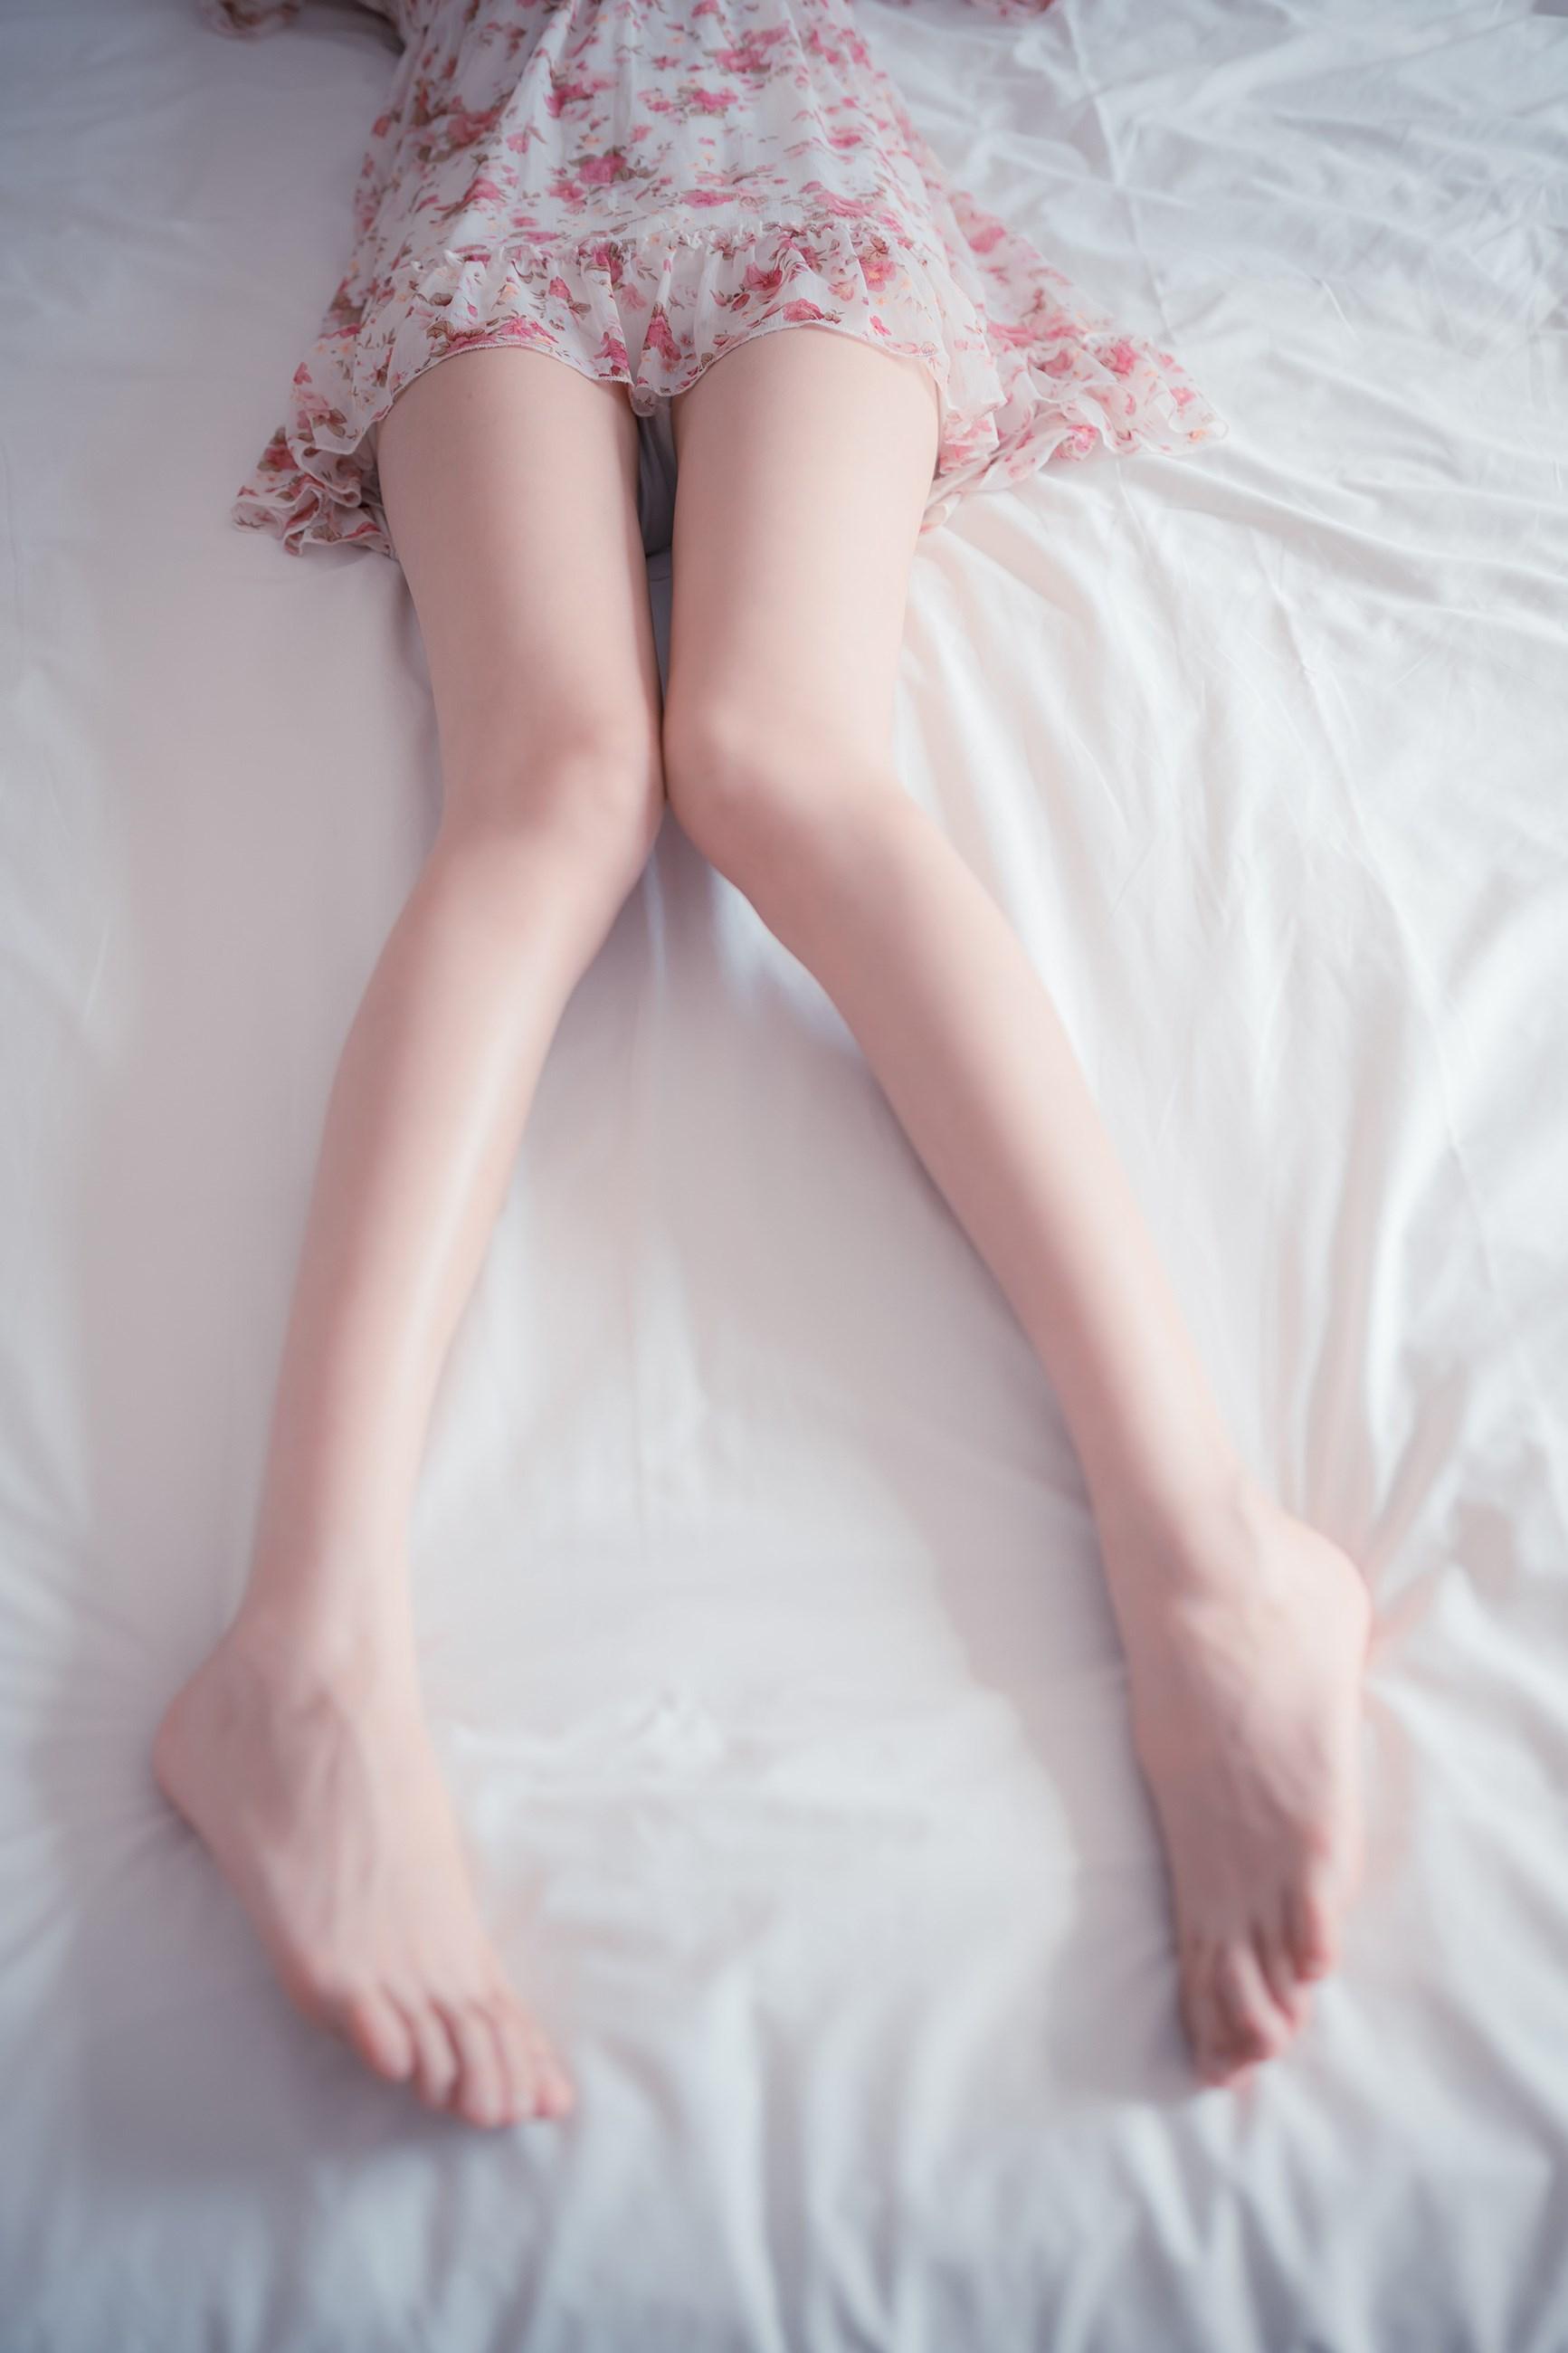 【兔玩映画】粉嫩嫩的小腿 兔玩映画 第37张